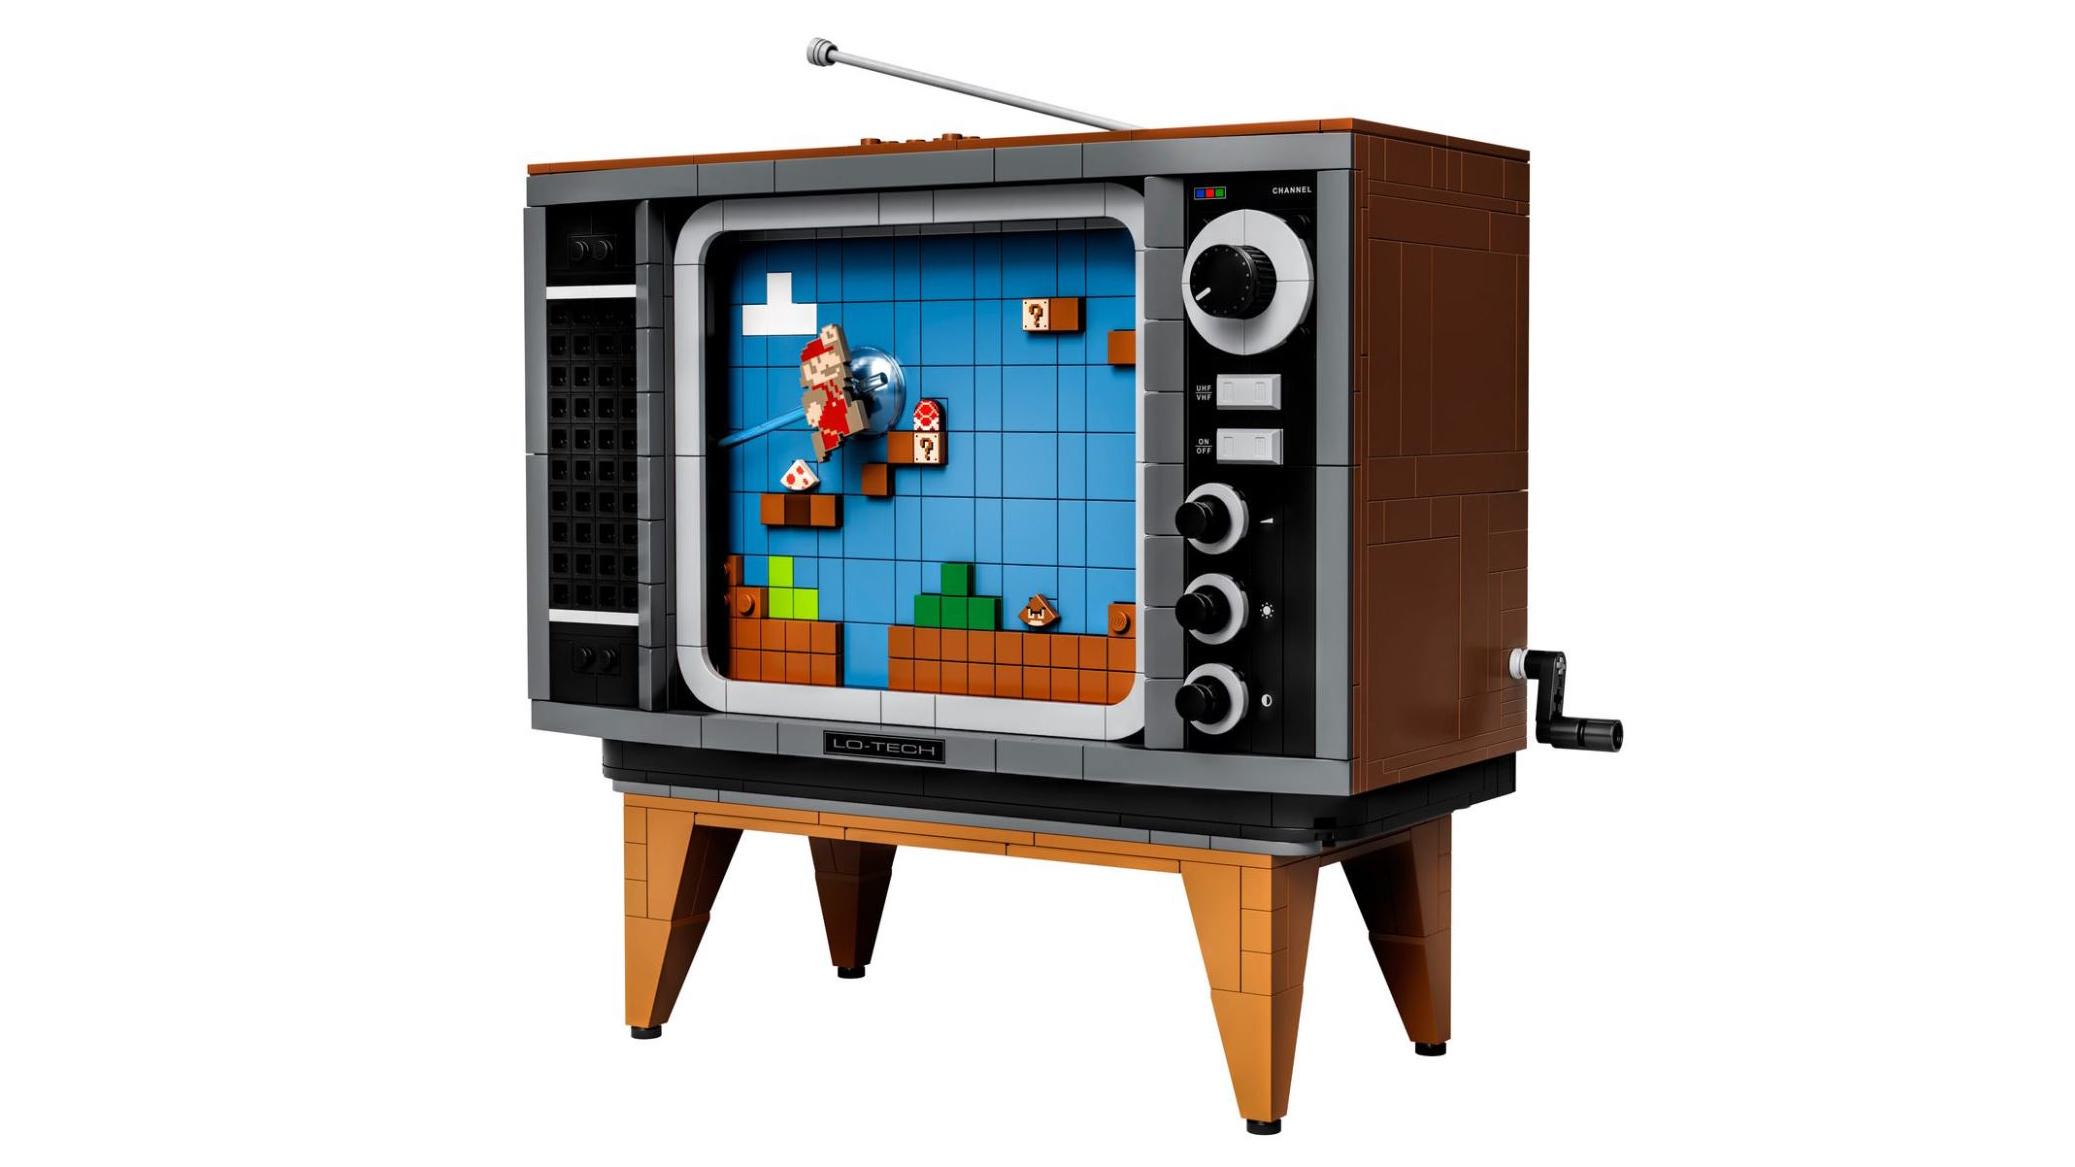 LEGO NES price